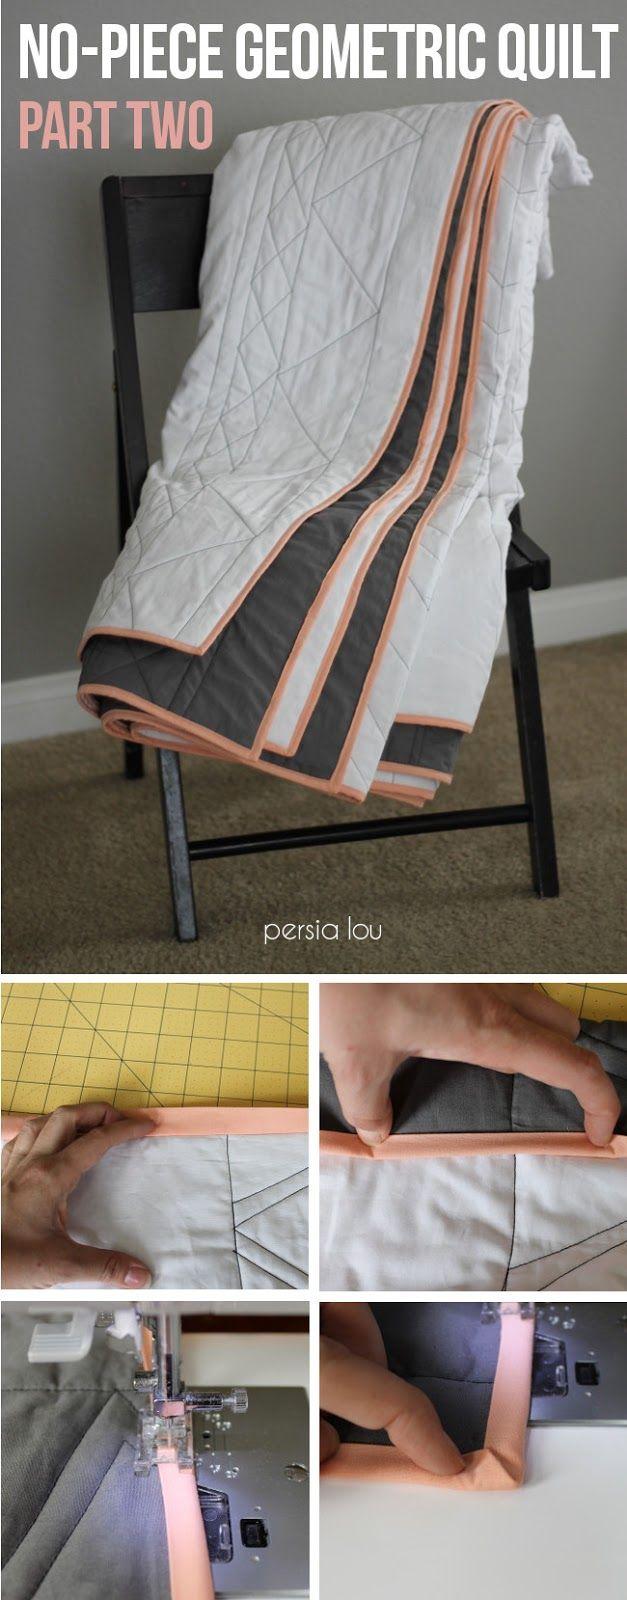 Best 25+ Geometric quilt ideas on Pinterest | Modern quilt ... : piecing quilt batting - Adamdwight.com